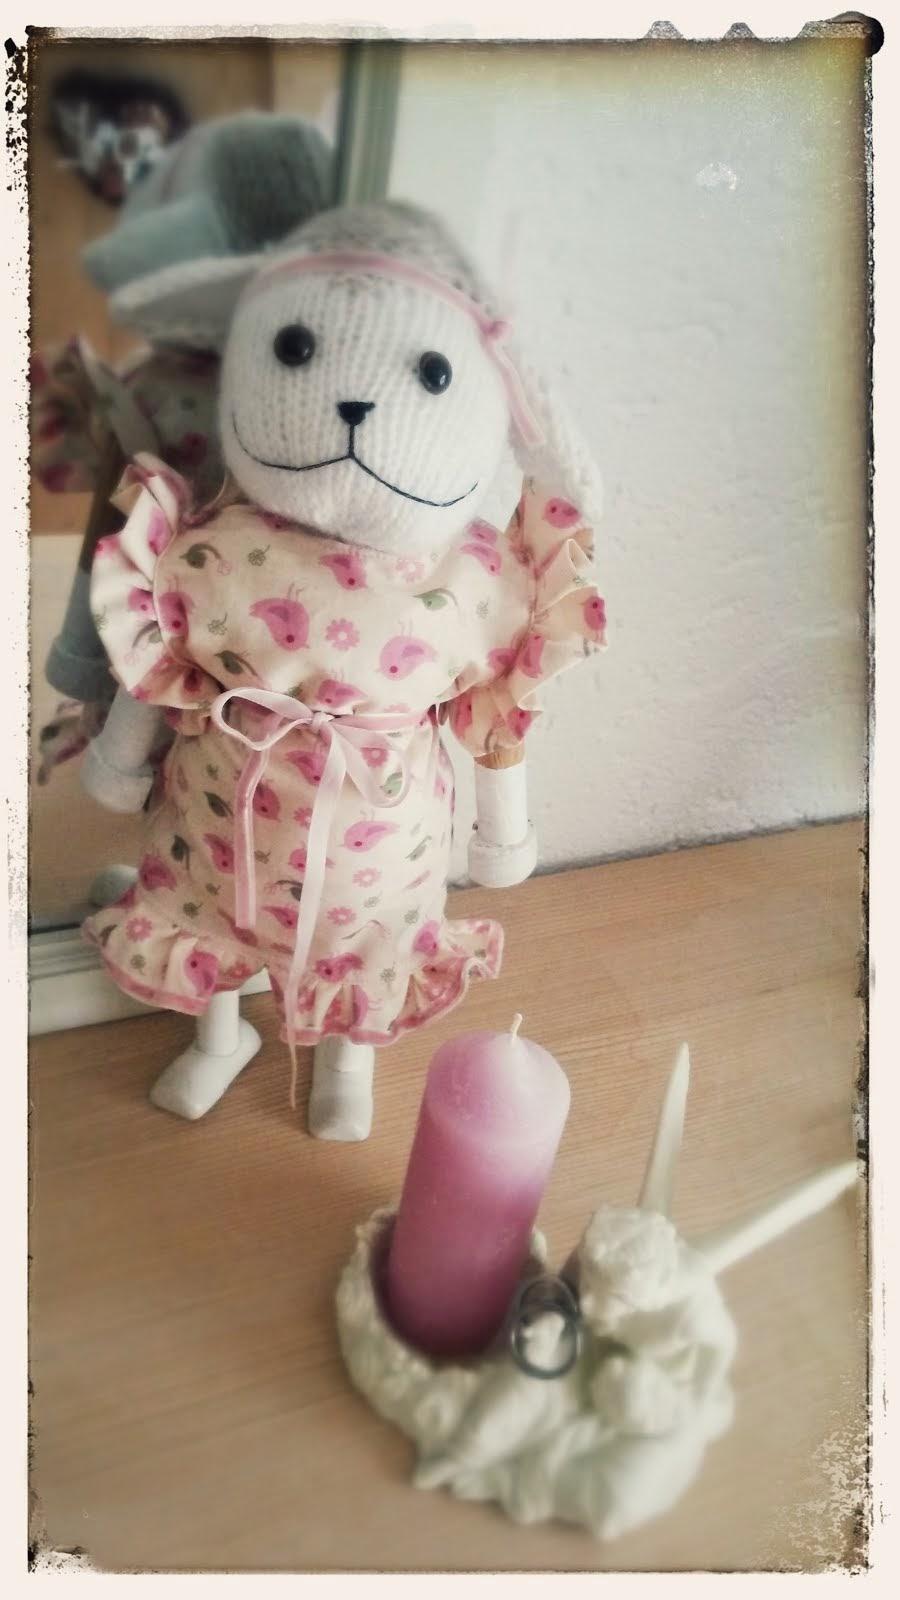 Roberta das Schaf